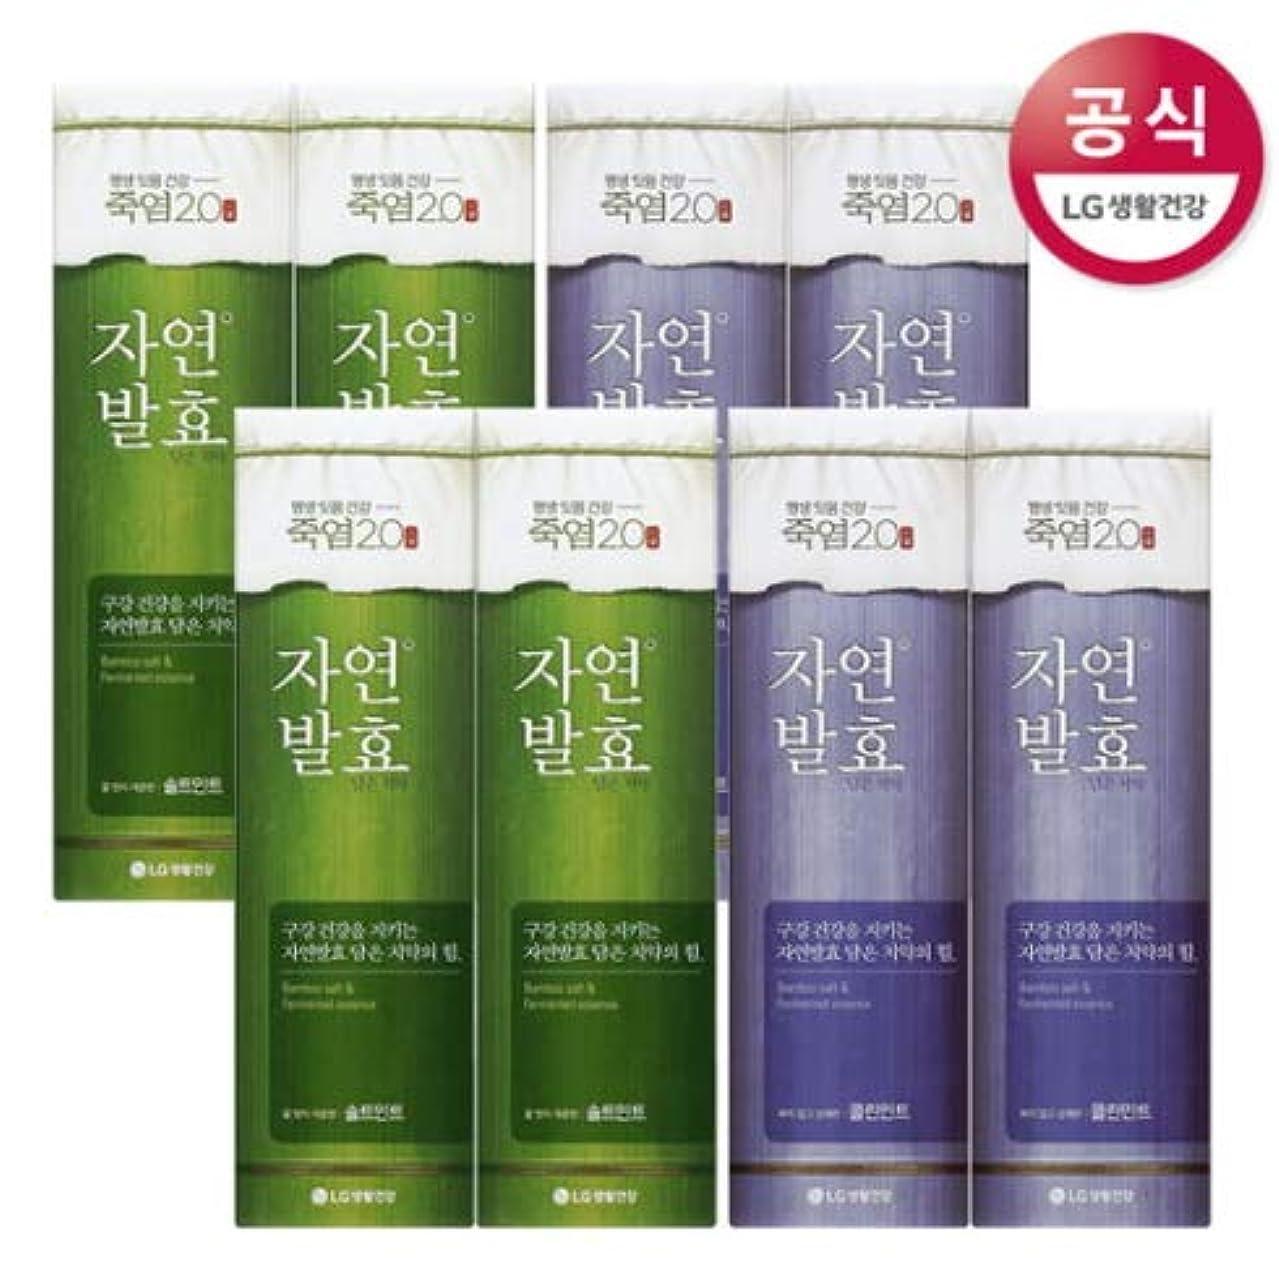 主人頼む集団[LG HnB] Bamboo salt natural fermentation toothpaste/竹塩自然発酵入れた歯磨き粉 100gx8個(海外直送品)